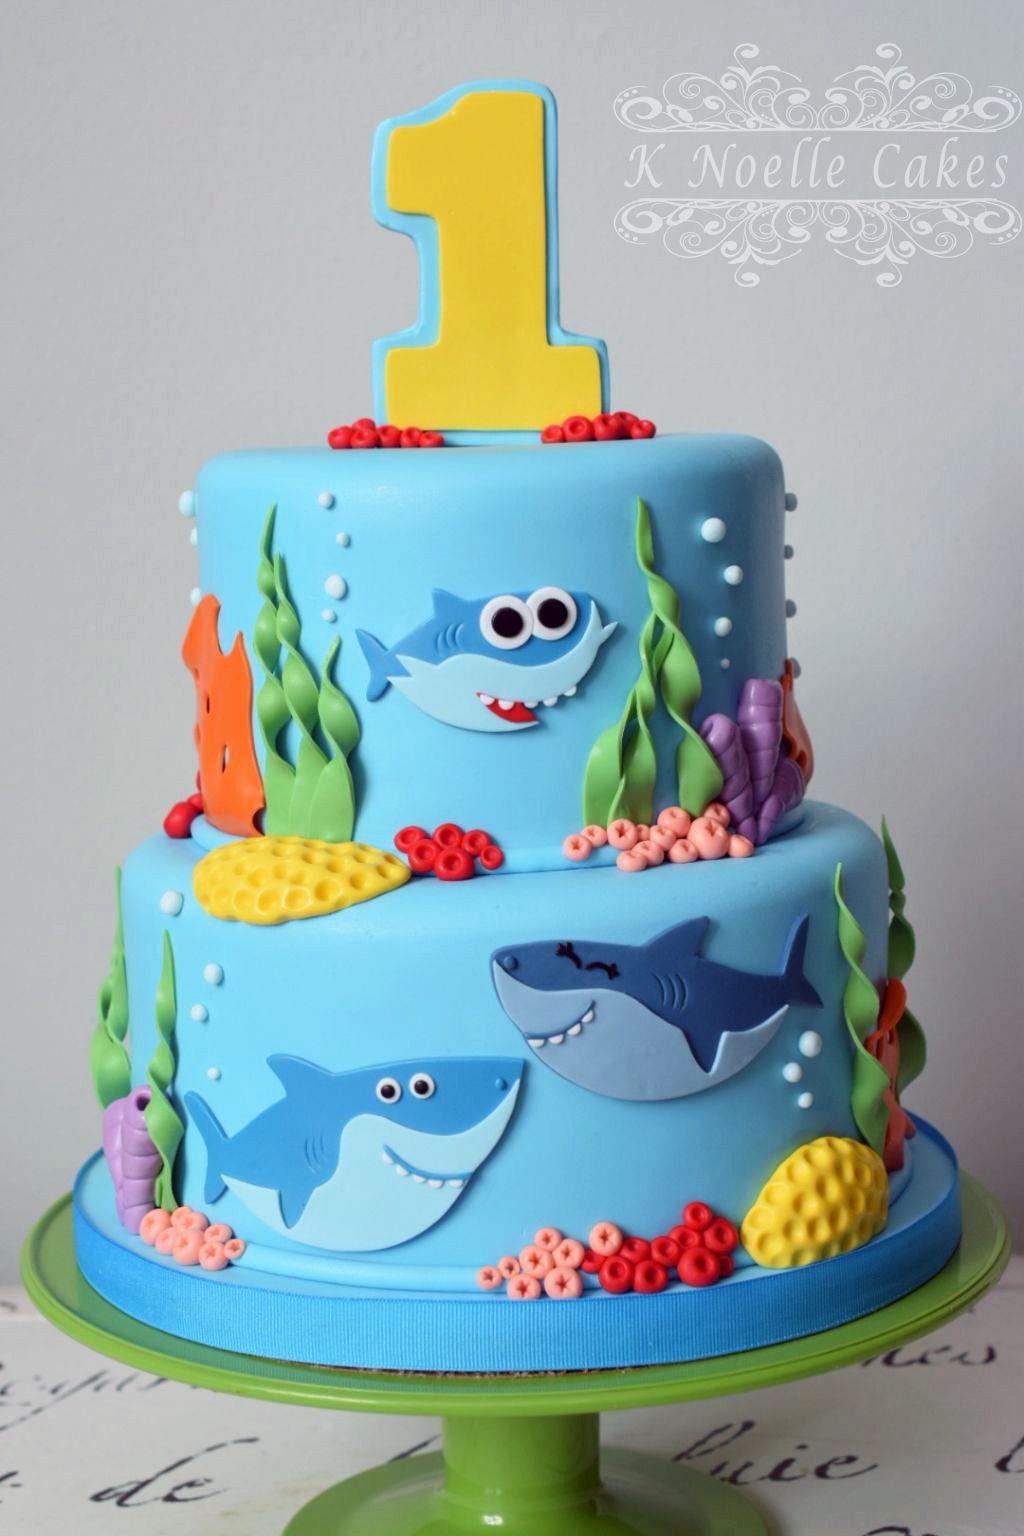 Baby Shark Cake By K Noelle Cakes